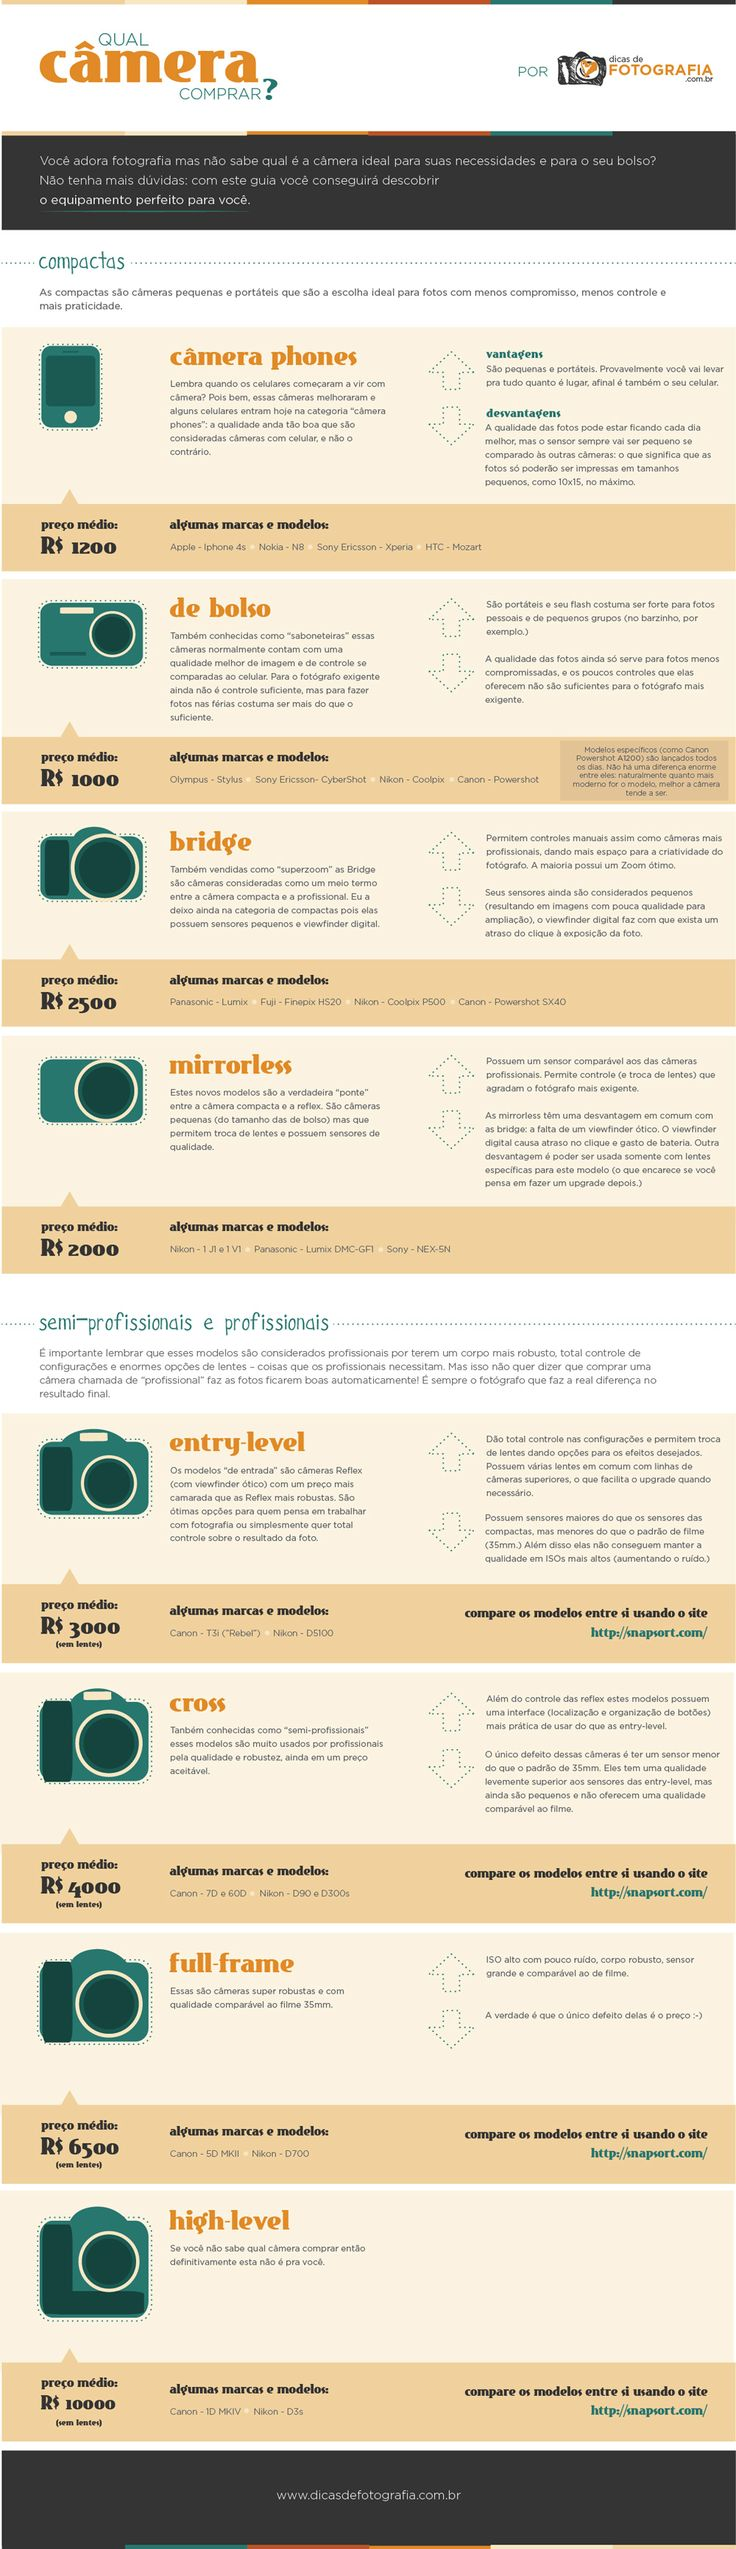 Qual câmera comprar? : Dicas de Fotografia